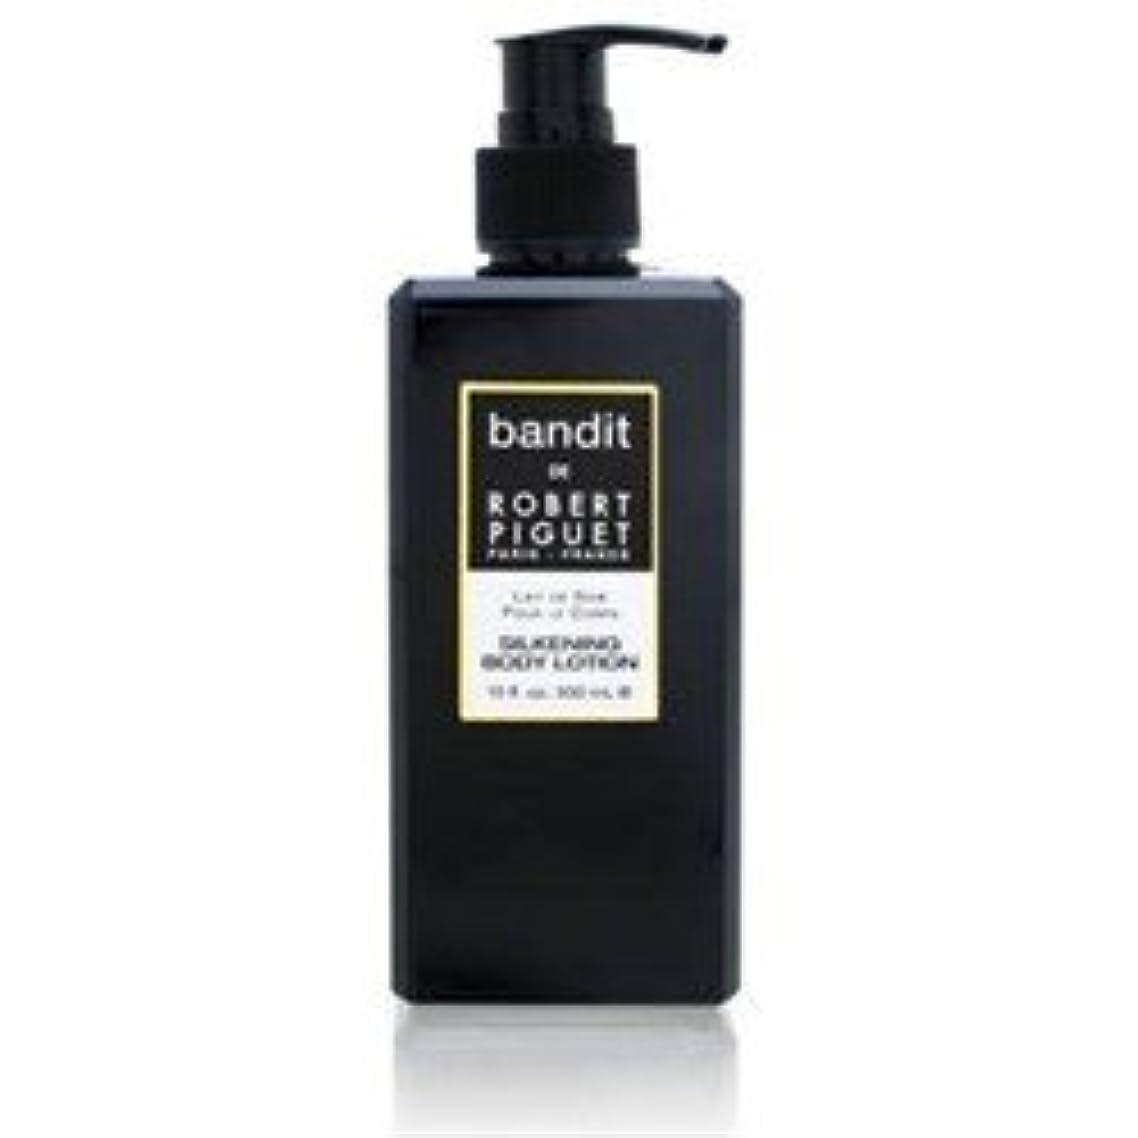 収容する一貫した急降下Bandit (バンディット)10 oz (300ml) Body Lotion (ボディーローション) by Robert Piguet for Women